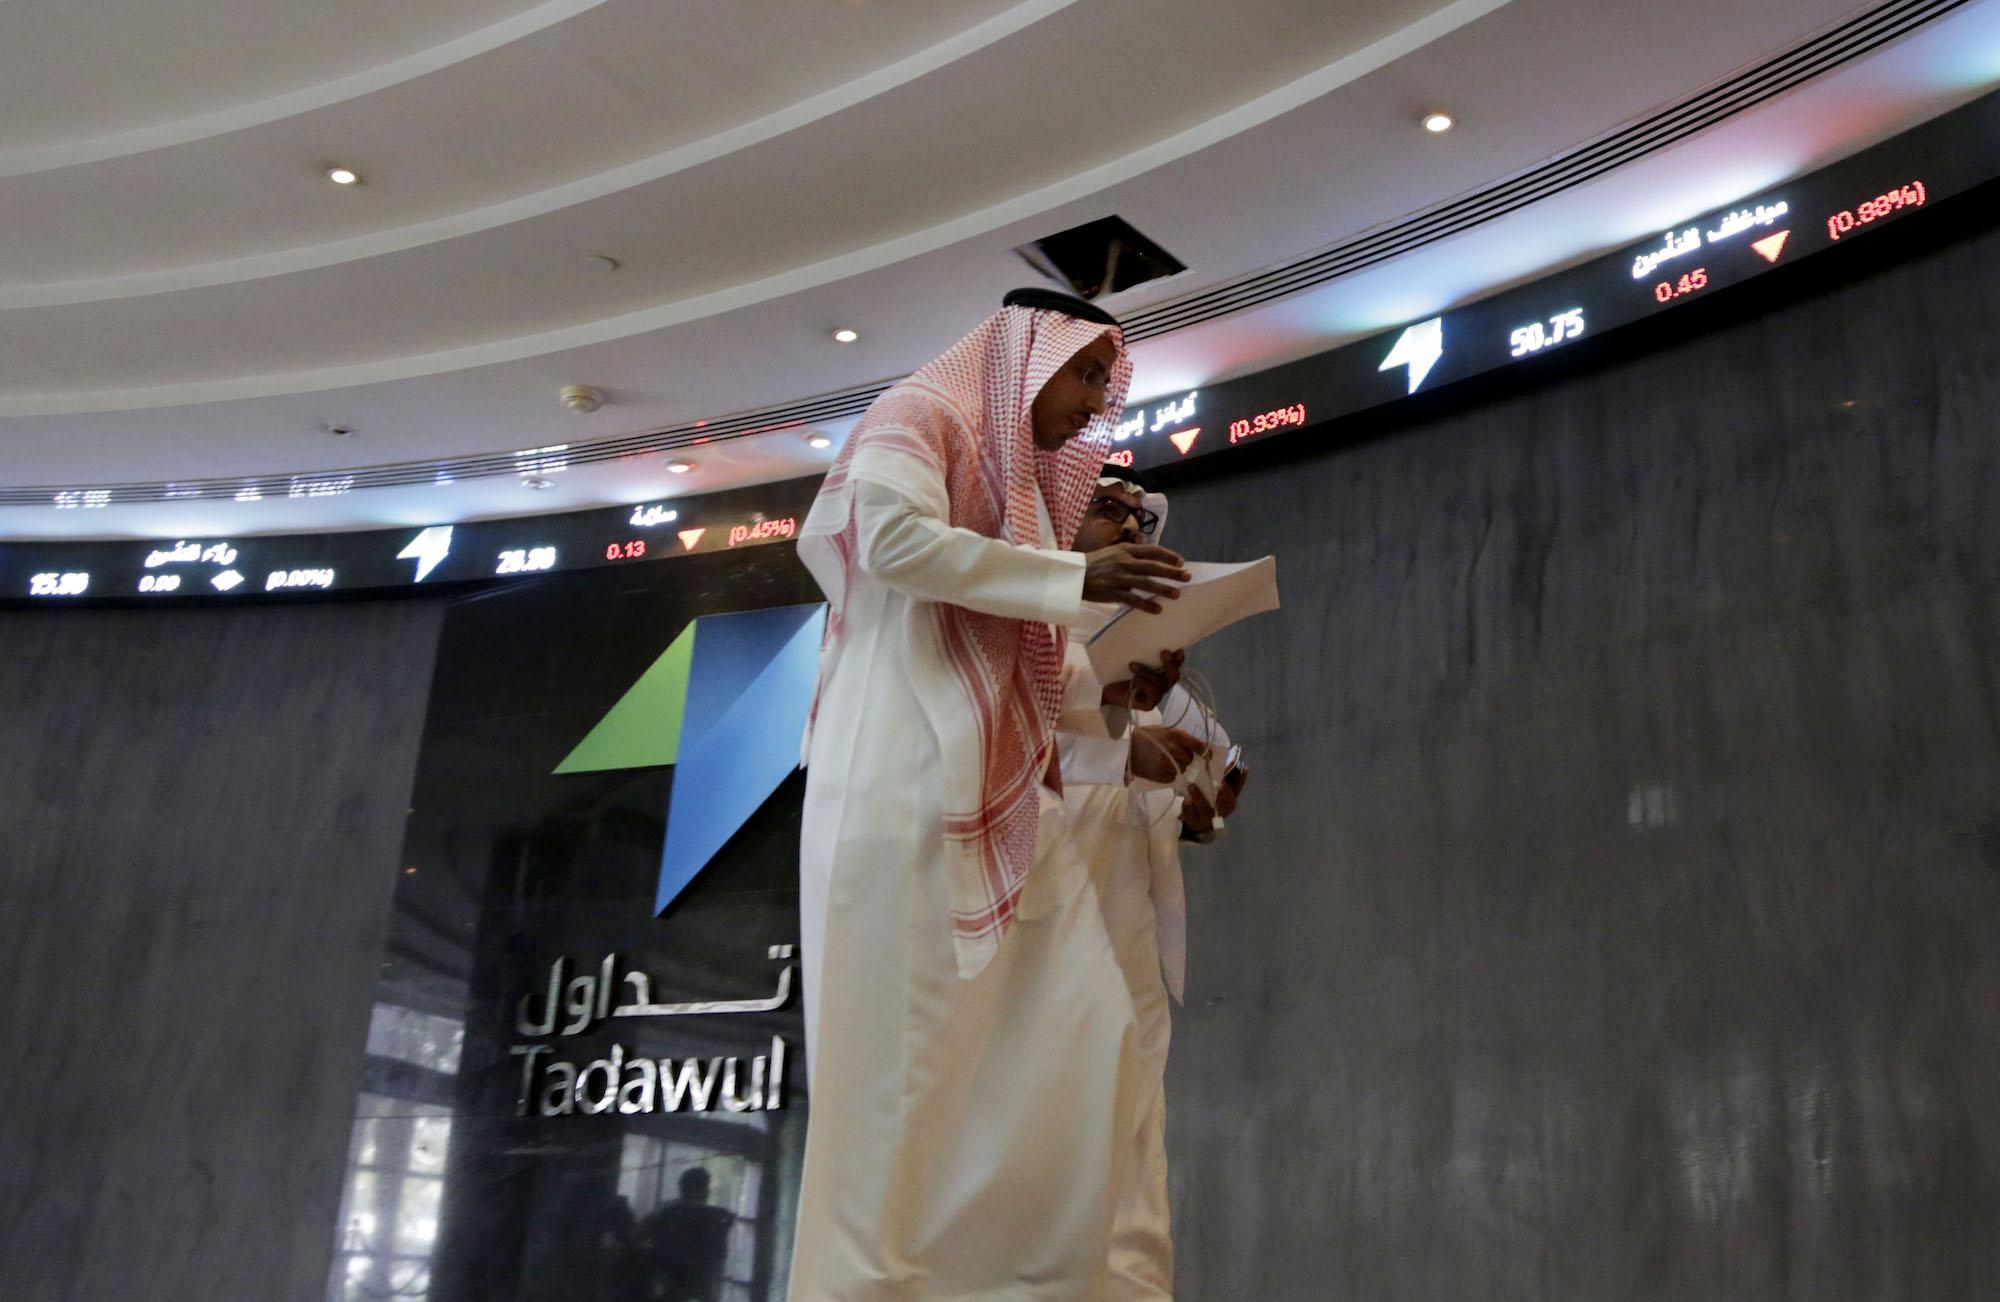 Tadawul Saudi stock exchange